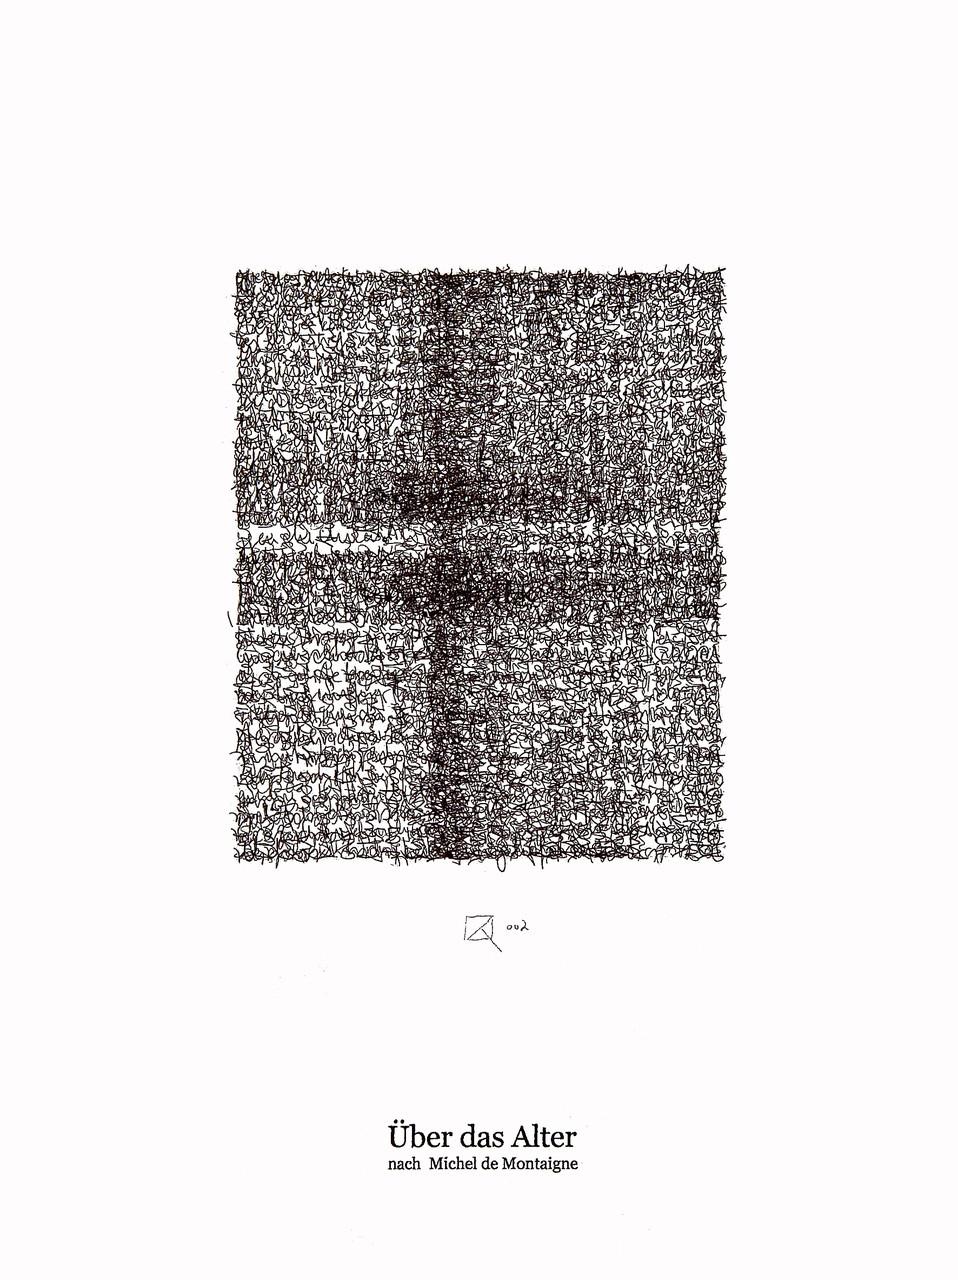 Über das Alter / About the age; Tusche auf Bütten, Handschrift / Handwriting,  (Ink on paper); 30 x 40 cm; 2002